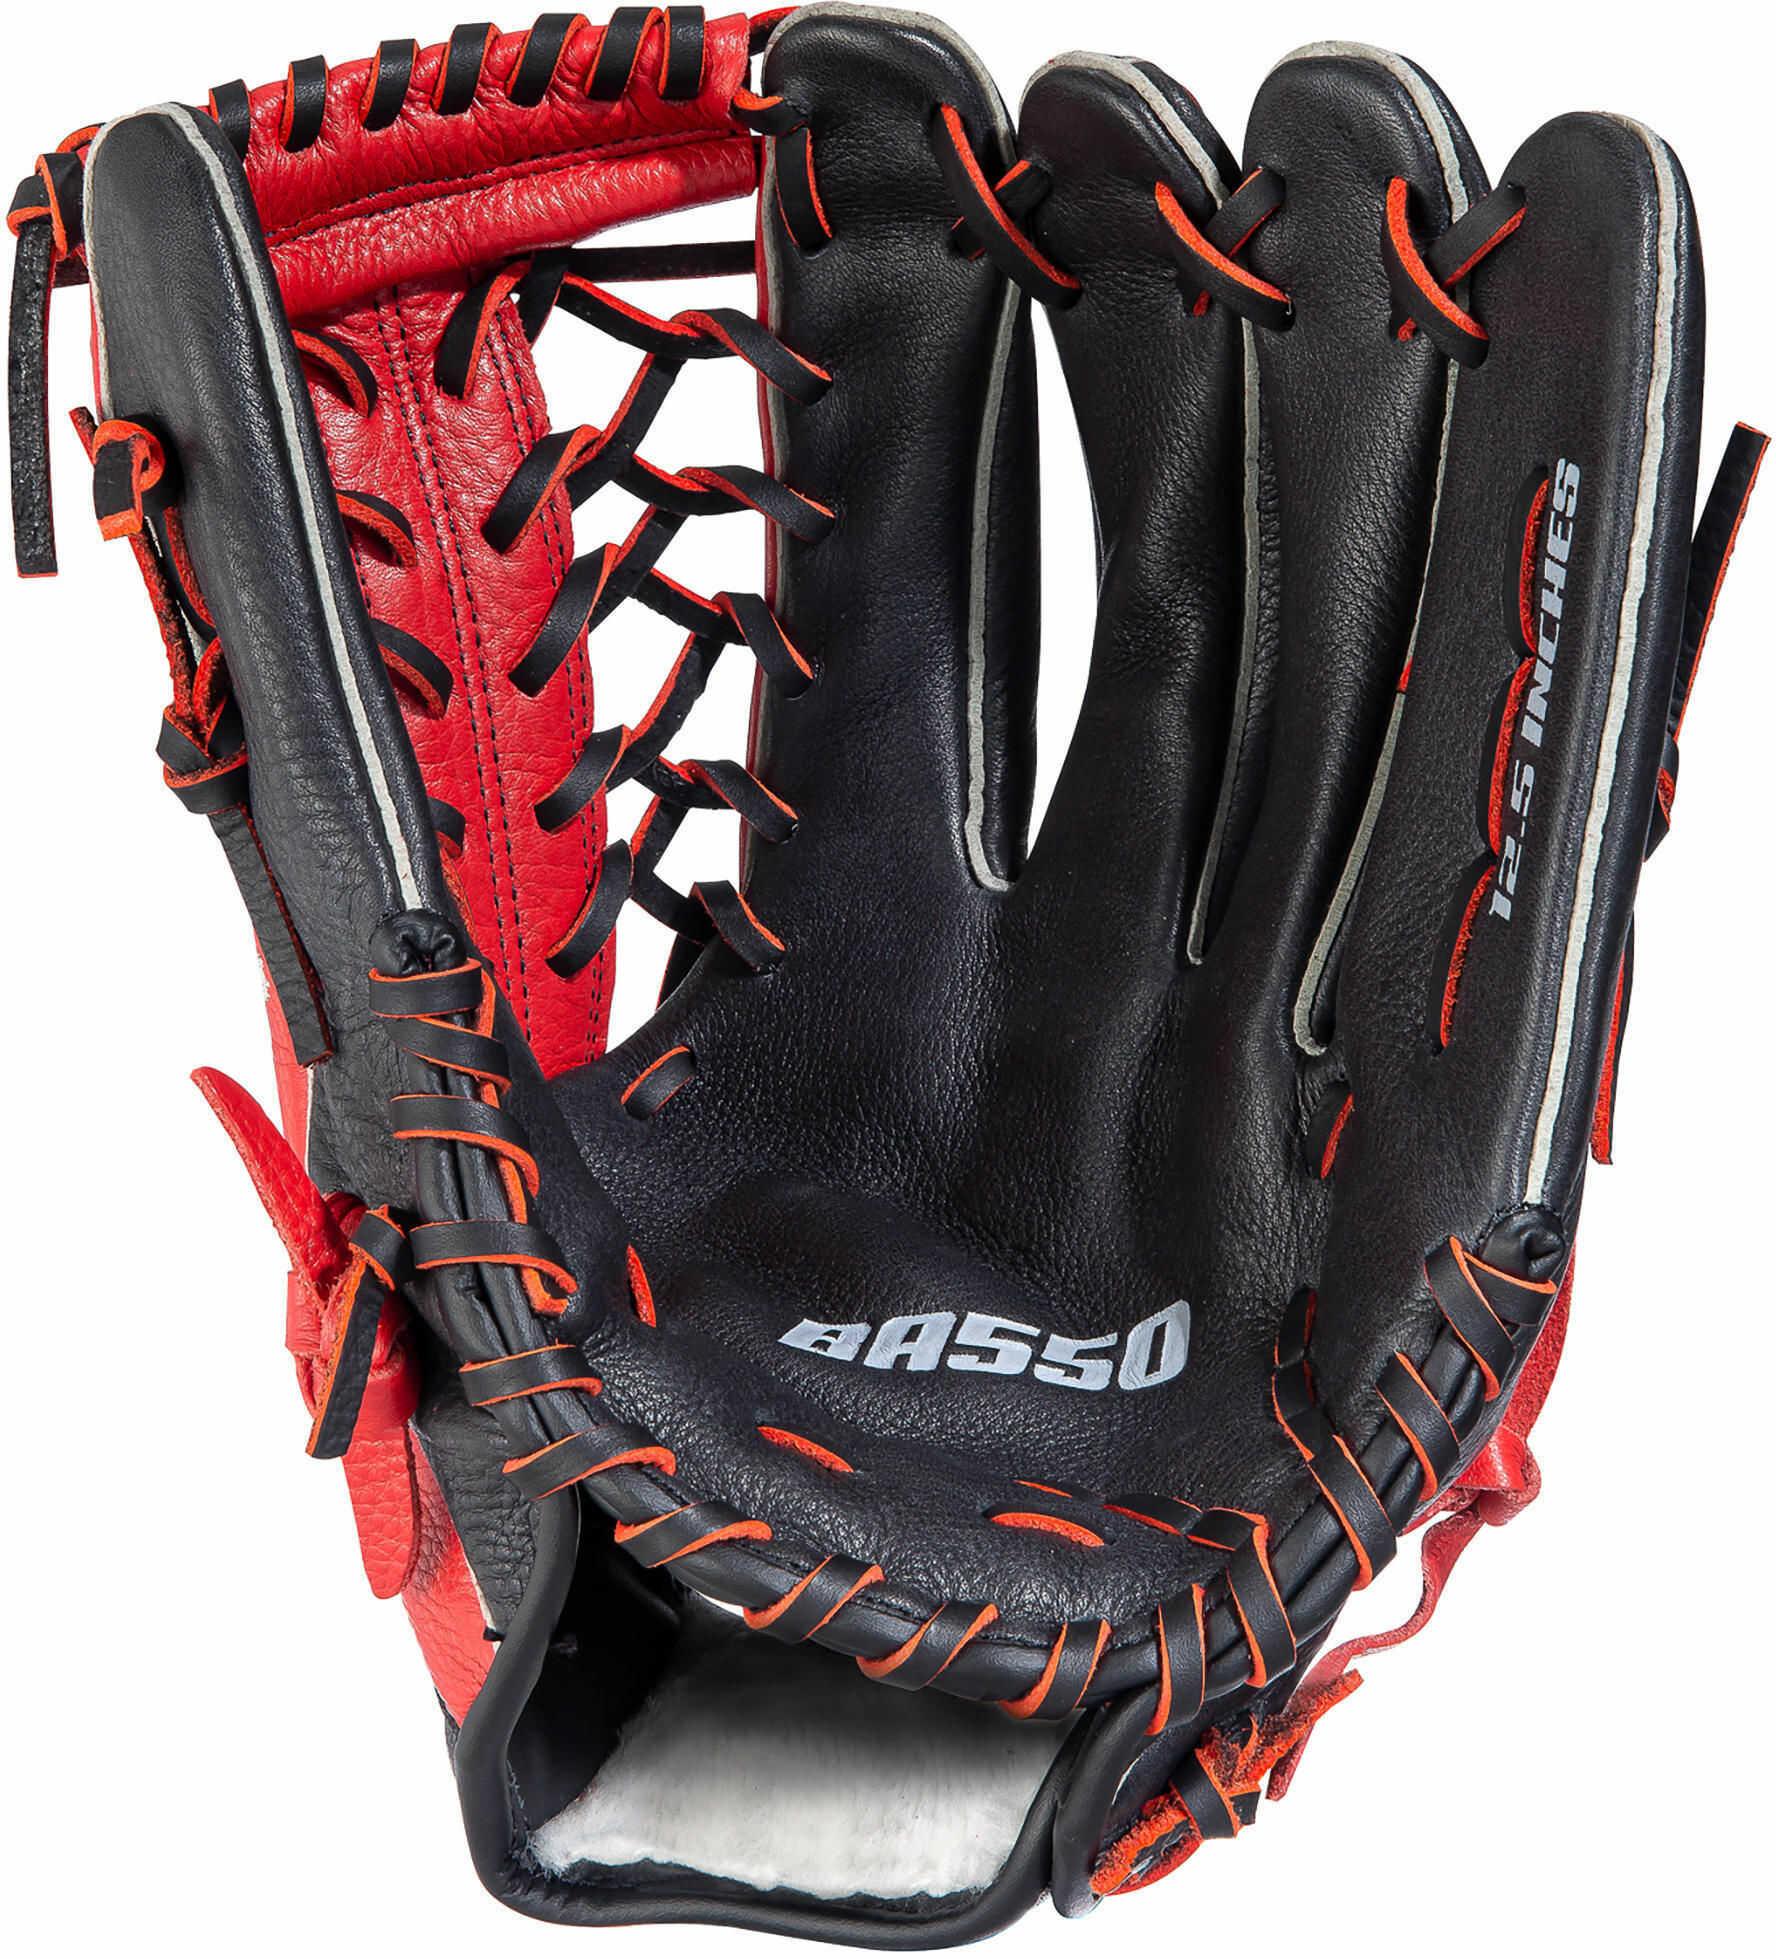 Rękawica baseballowa BA550 32 cm na lewą rękę